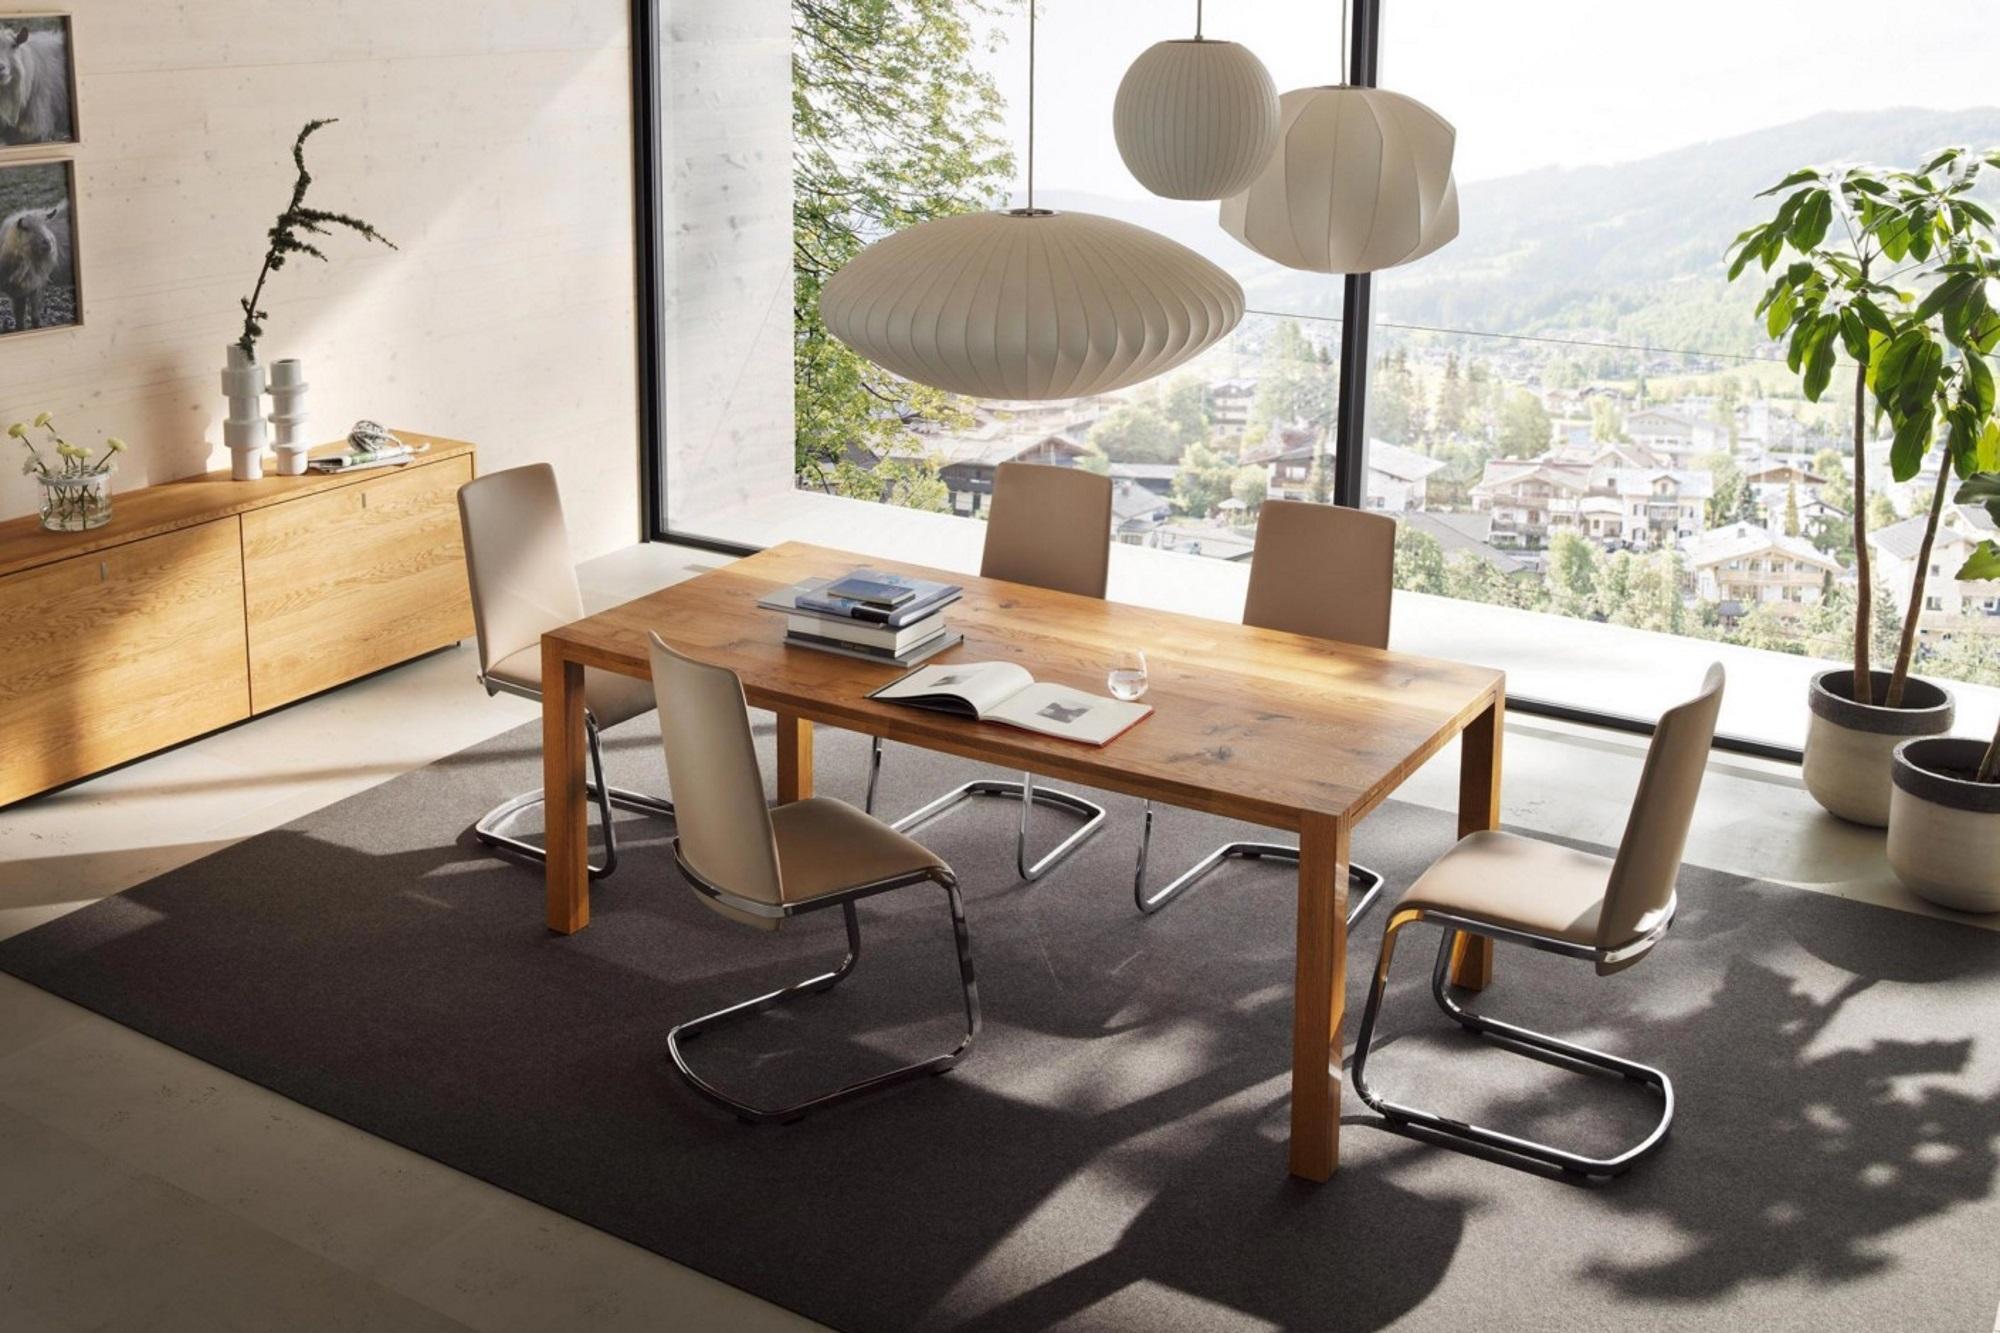 Tisch loft - Biomöbel Bonn